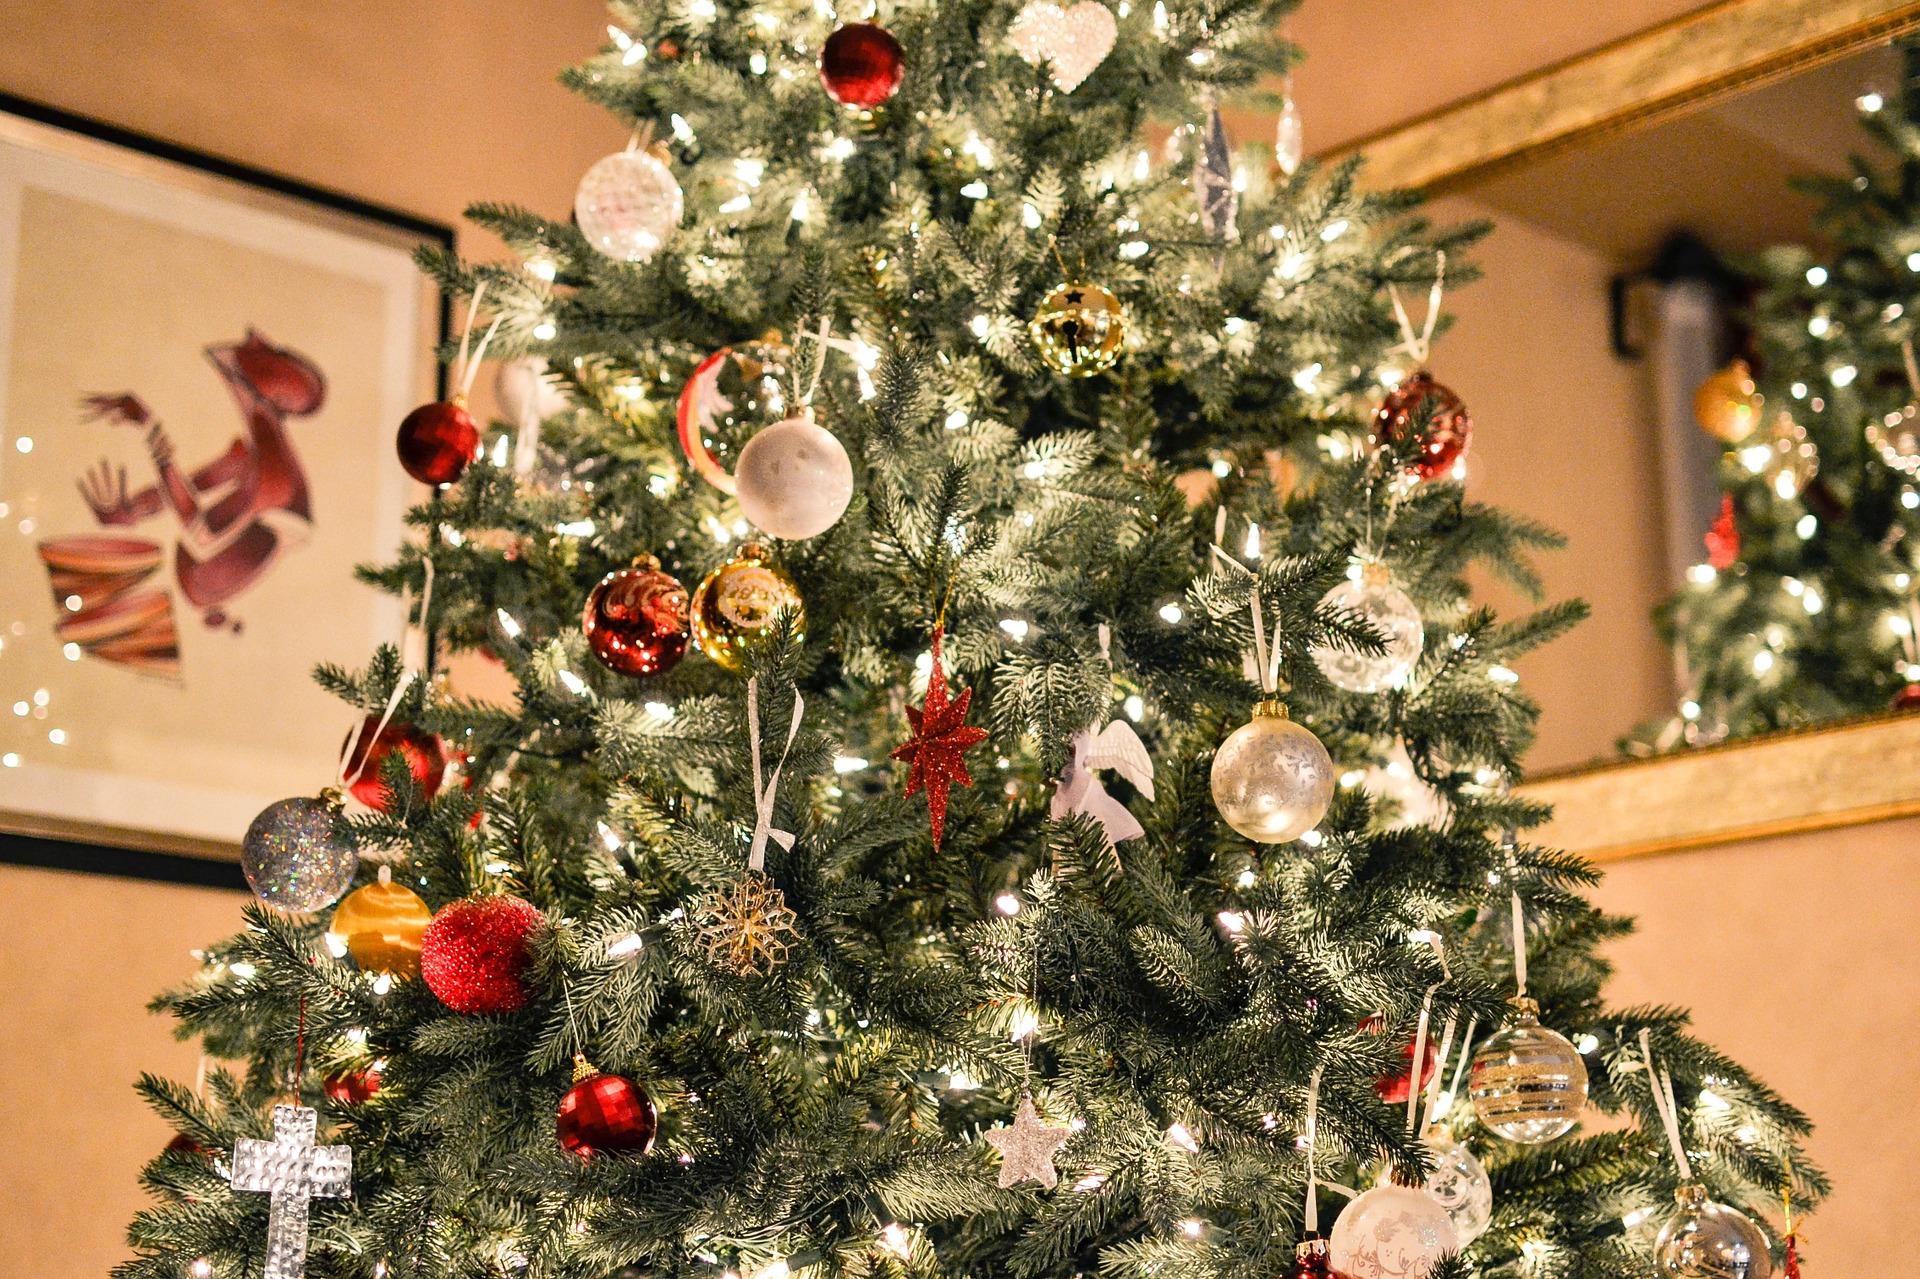 того, картинки самые красивые елки на новый год одной фотосессии мной